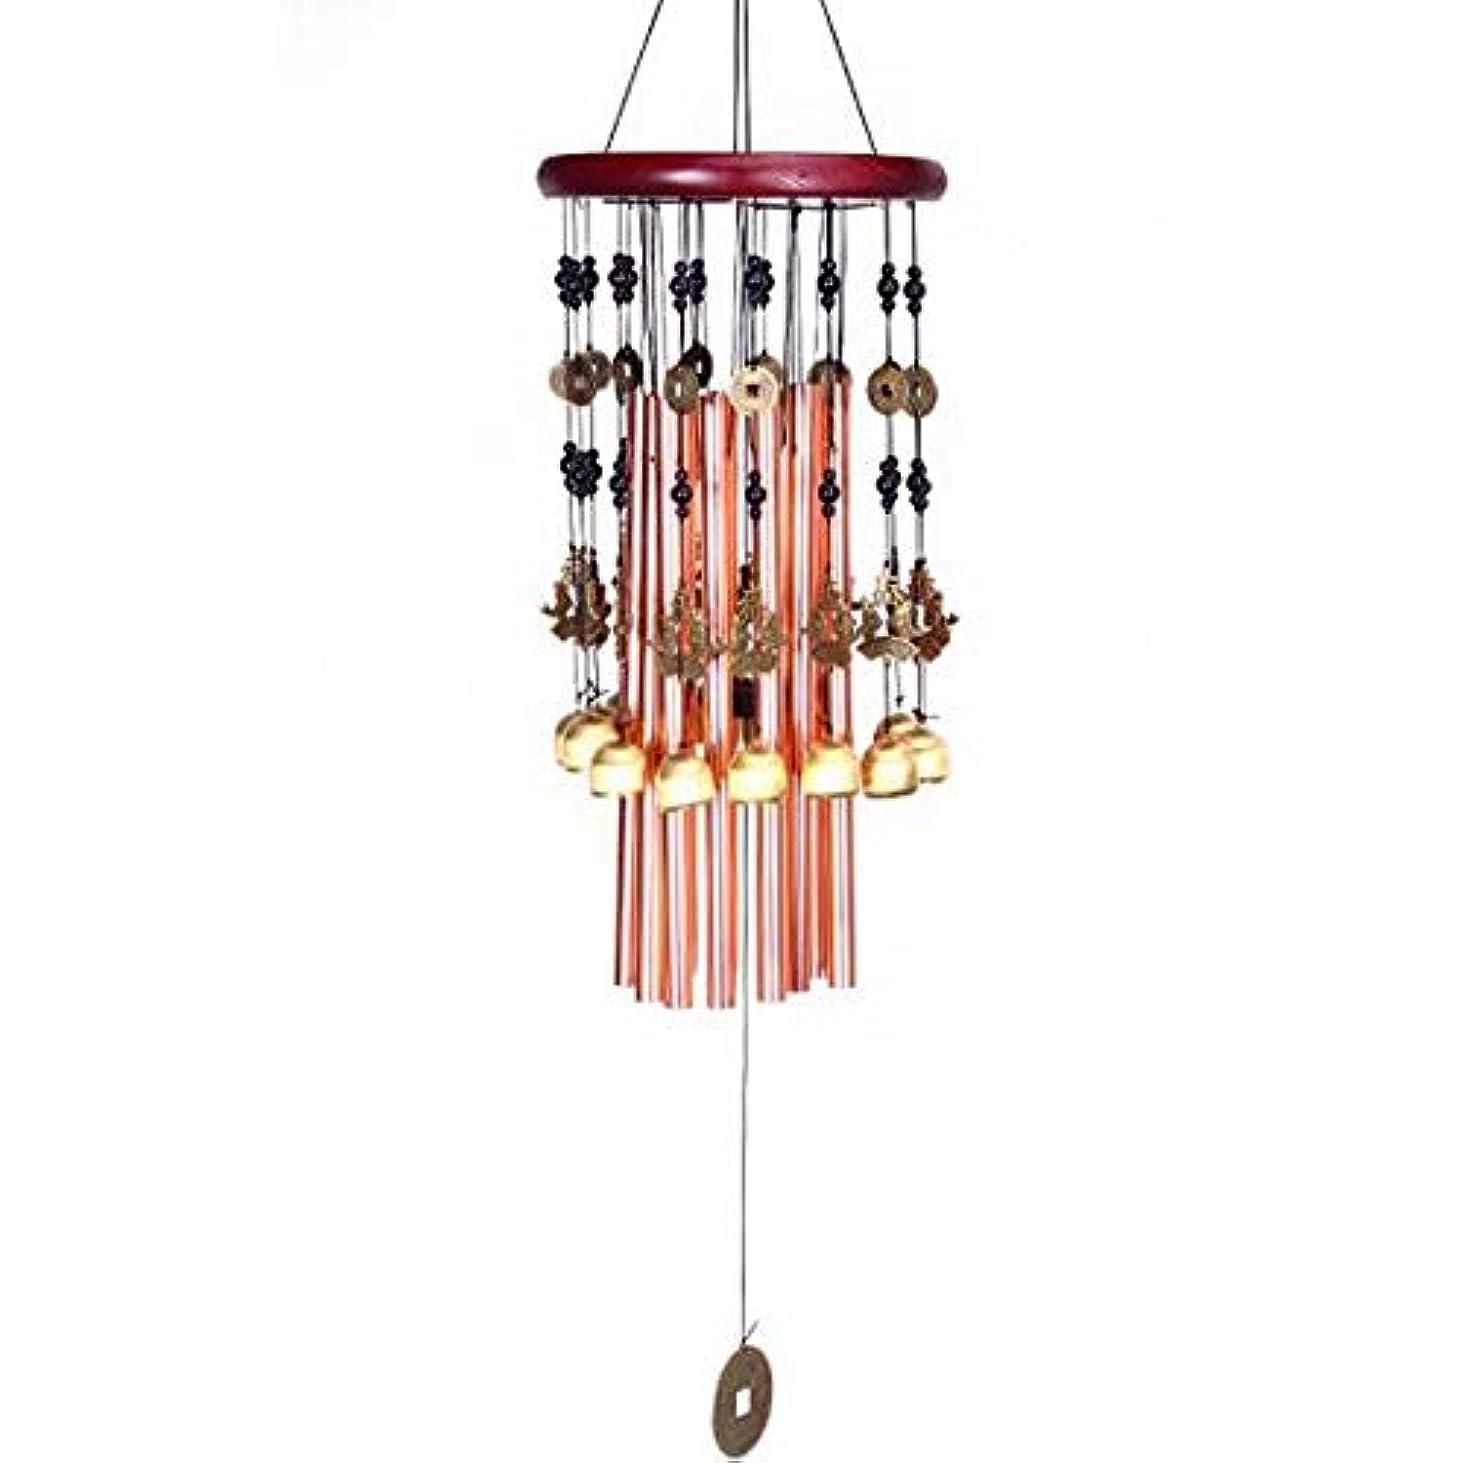 サンダル状況是正するYougou01 風チャイム、メタルホームペンダント風の鐘、ゴールド、全身について80CM 、創造的な装飾 (Color : C)